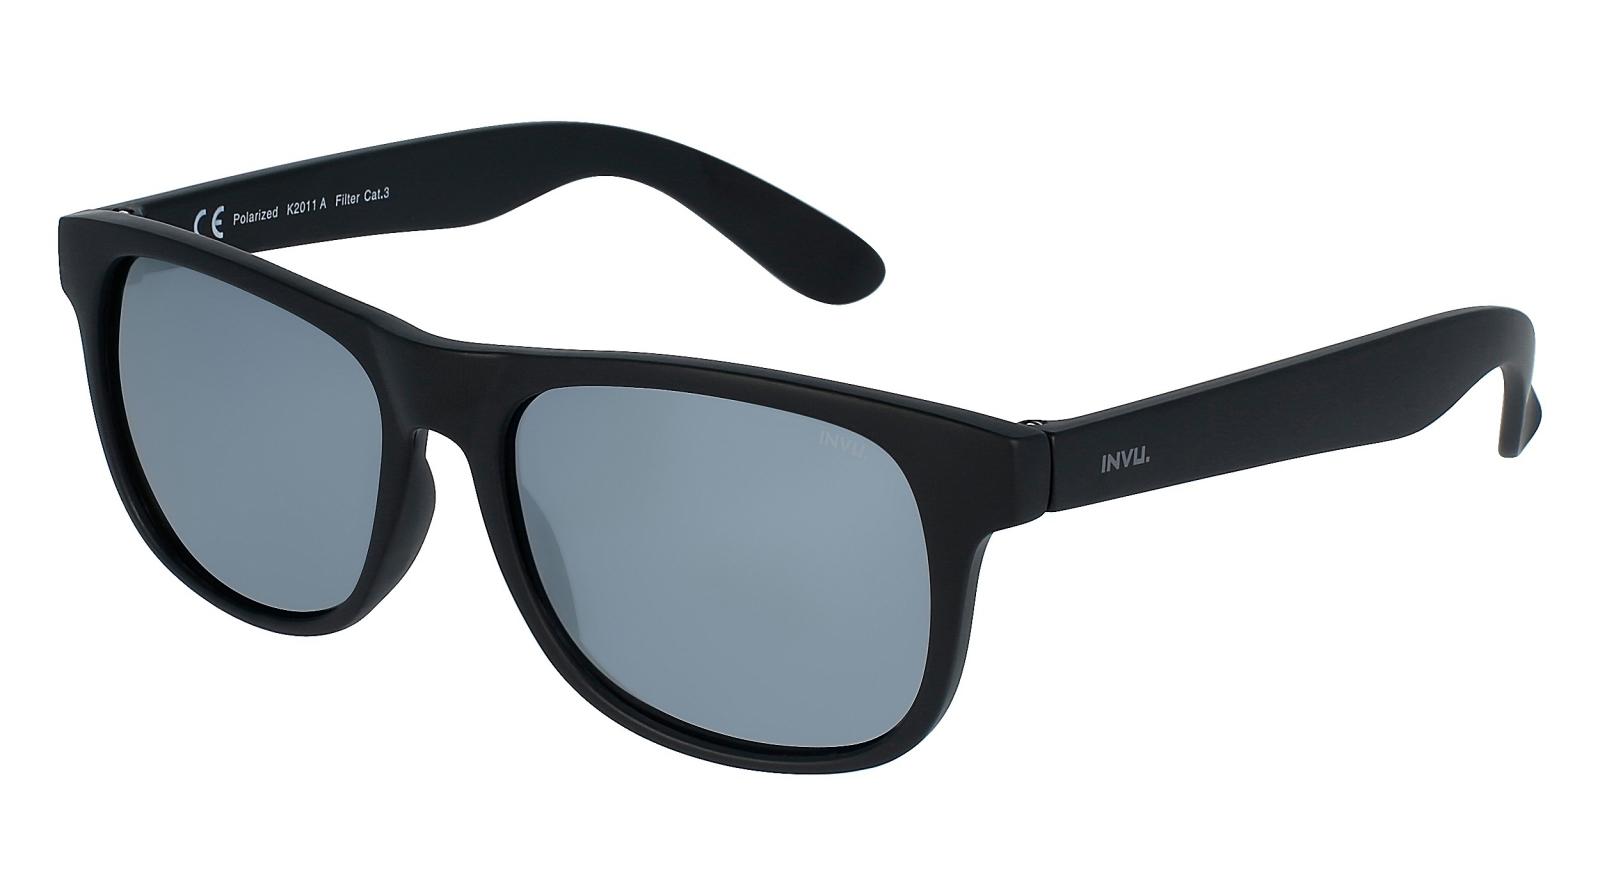 INVU. Kids K2011A - Slnečné okuliare pre deti 12-15 r.